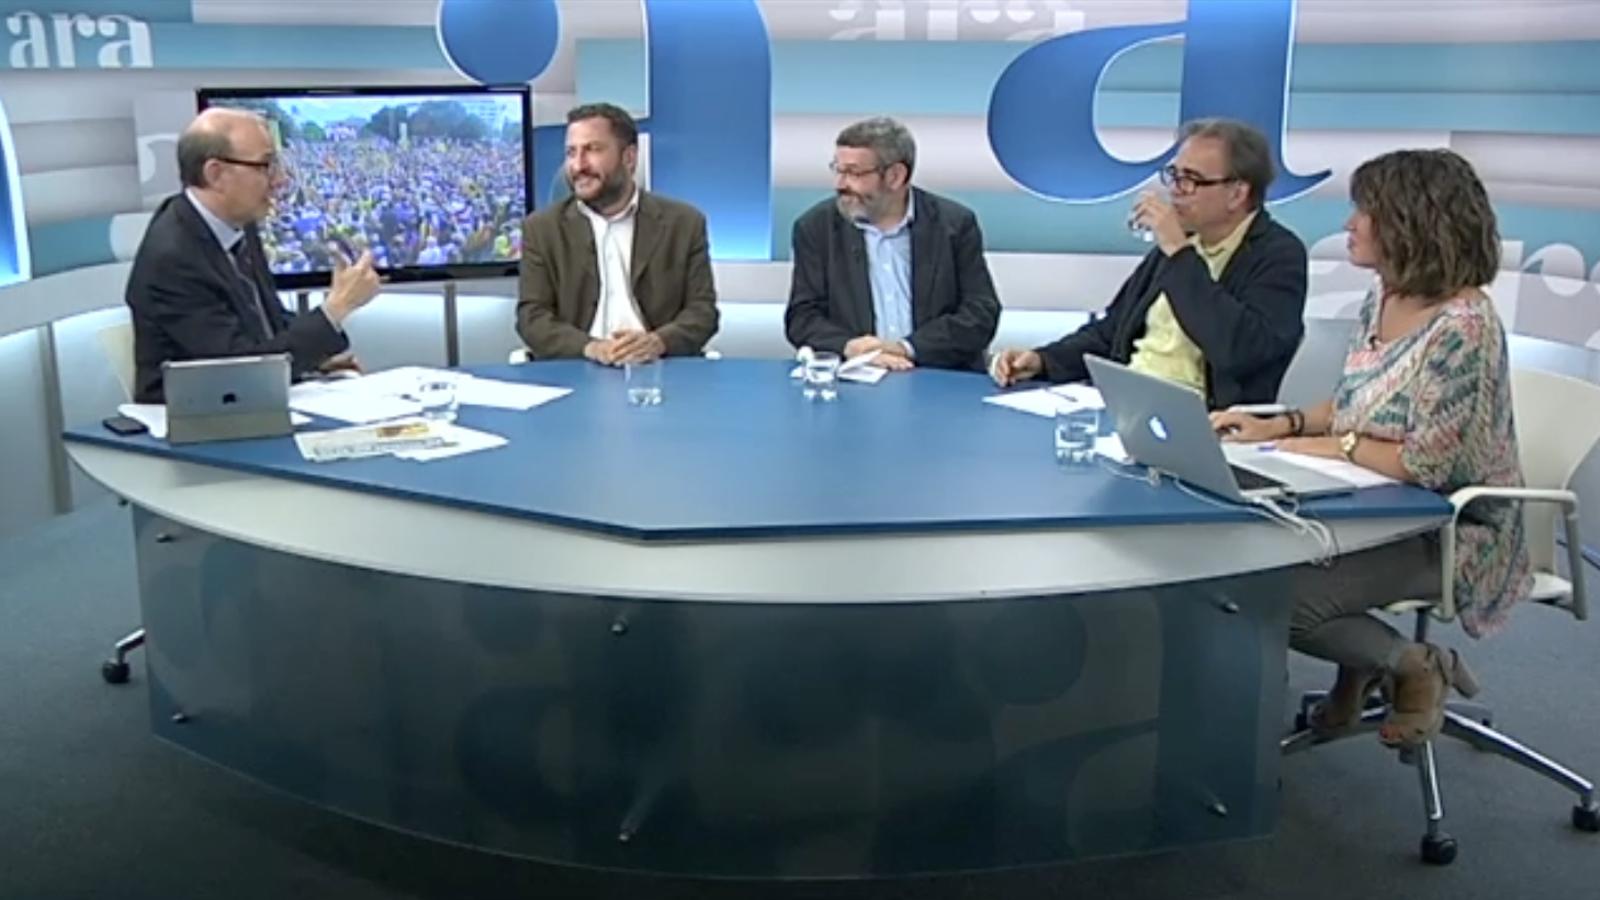 Especial Diada 2013 a l'Ara TV, amb Antoni Bassas (Part 1)